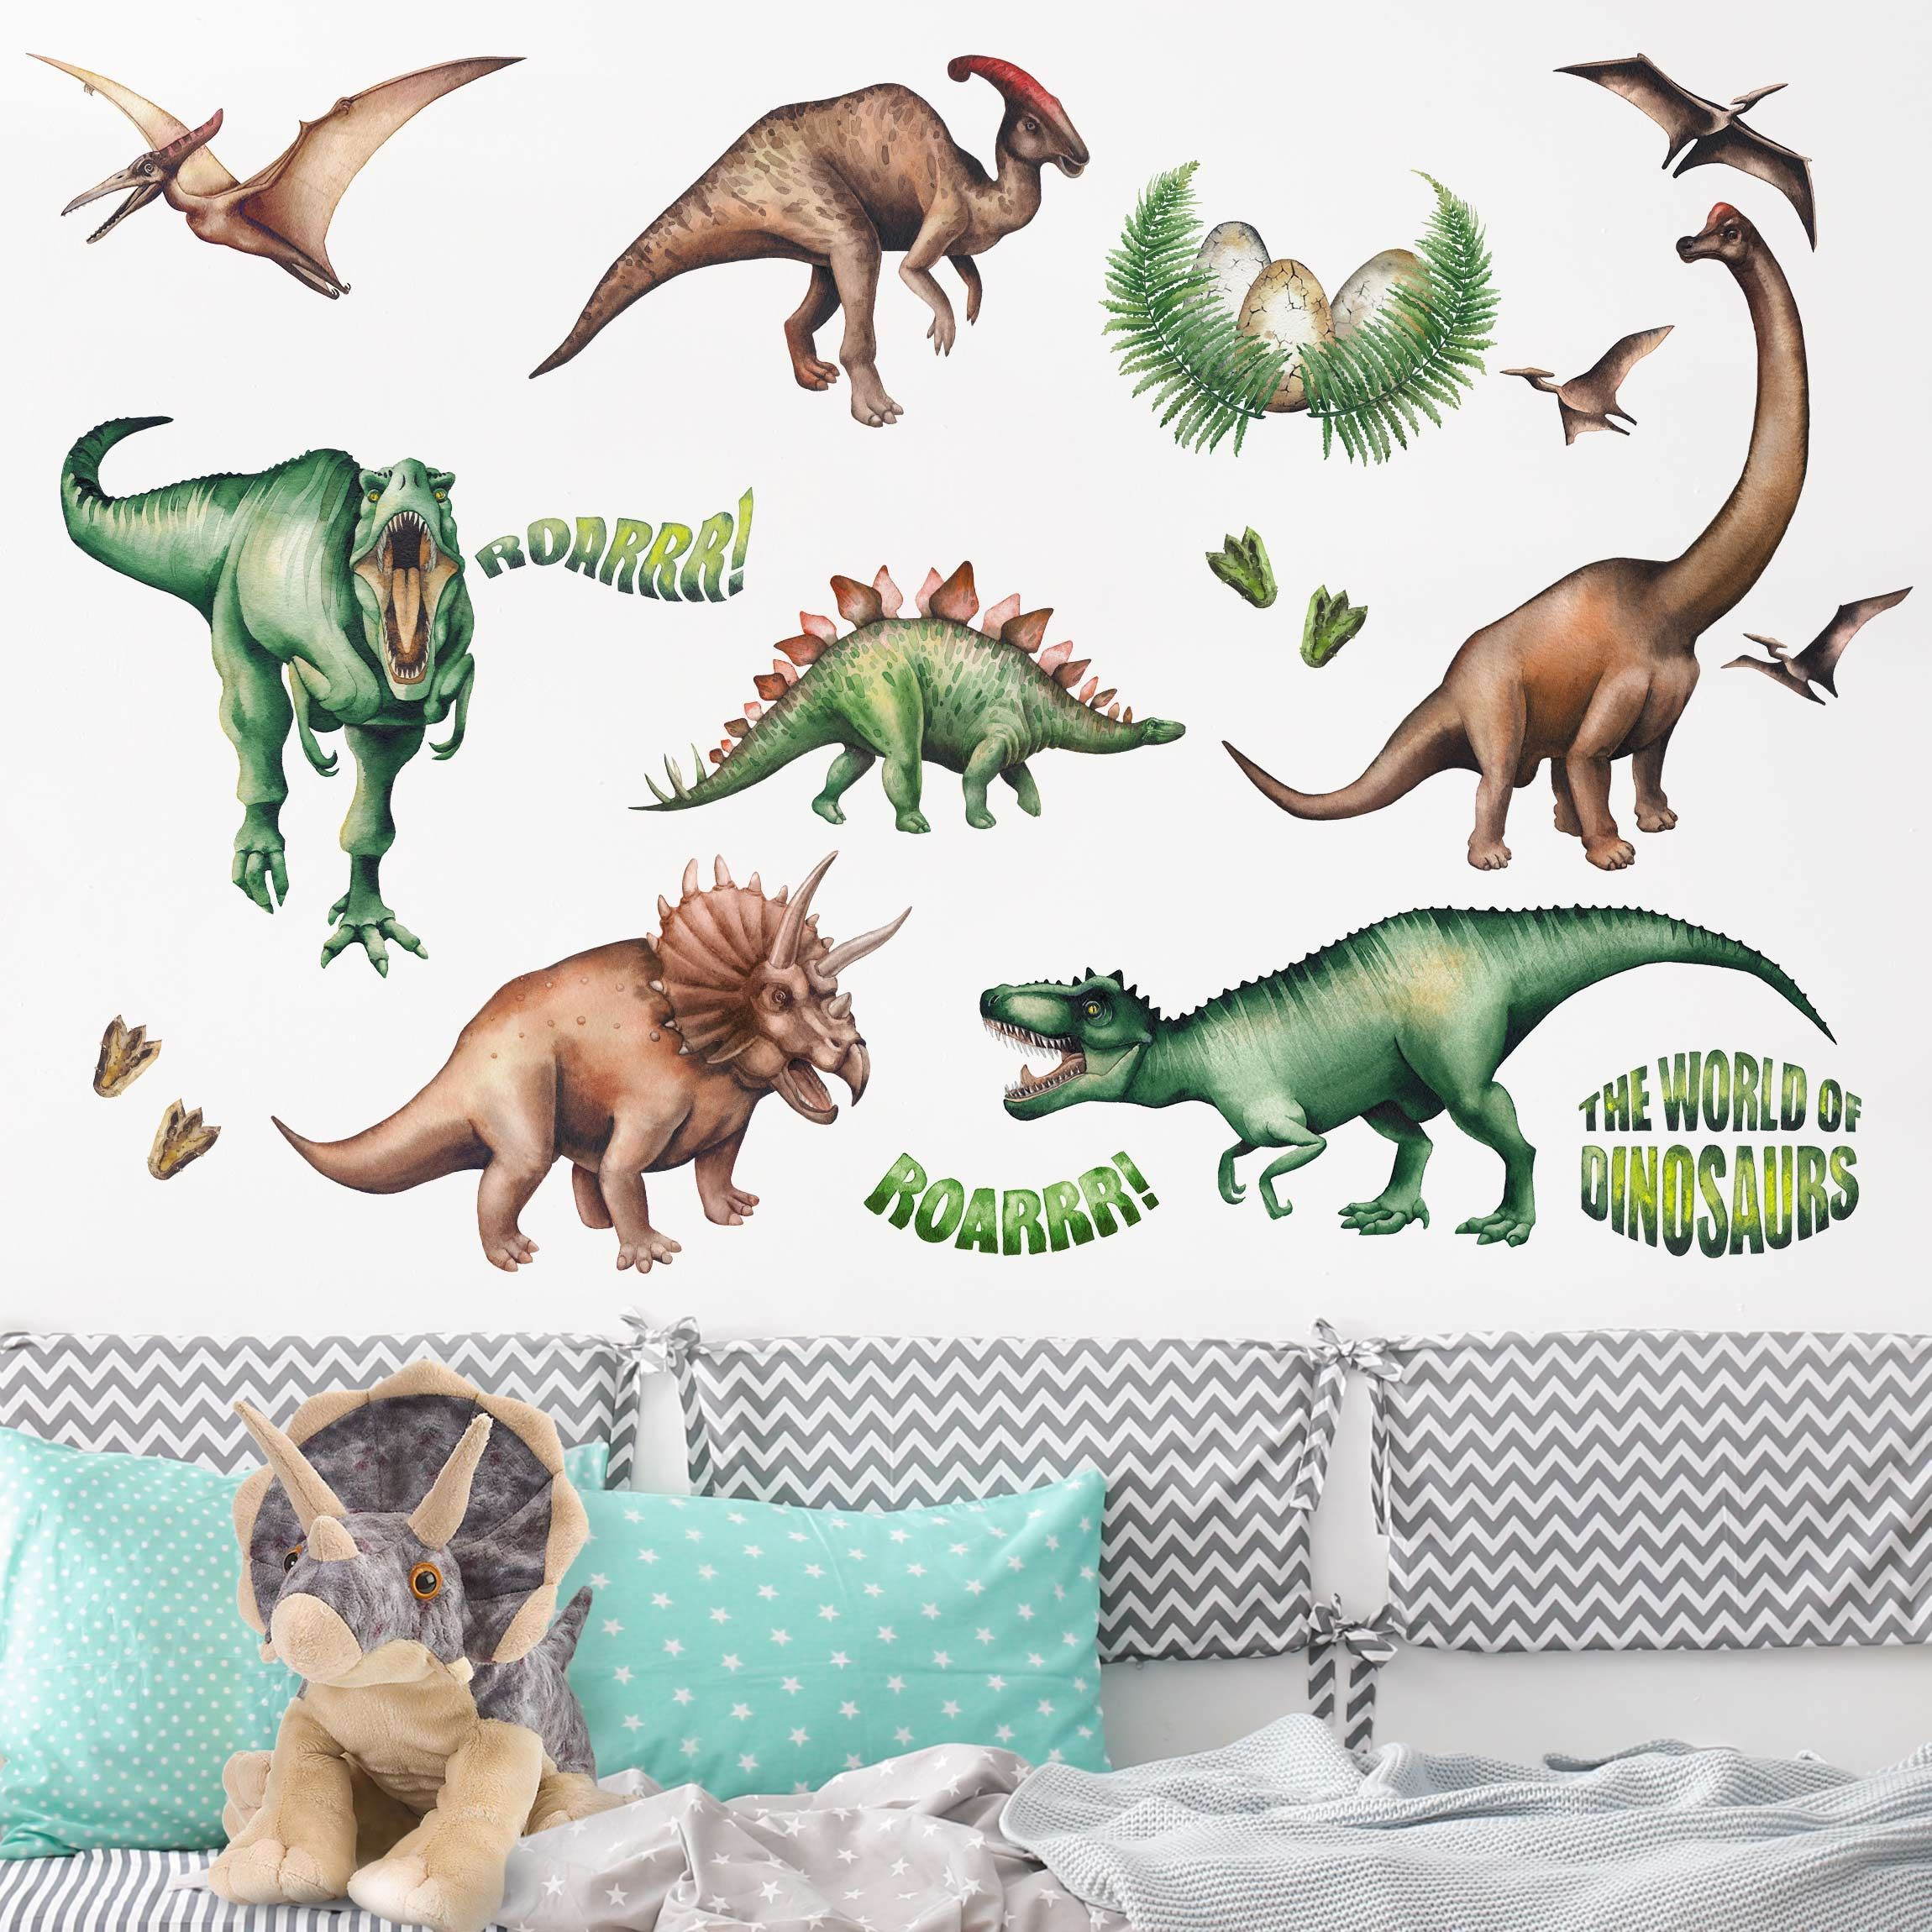 wandtattoo die welt der dinosaurier kinderzimmer ideen fur kleine zimmer designer wanddekoration weltkarte